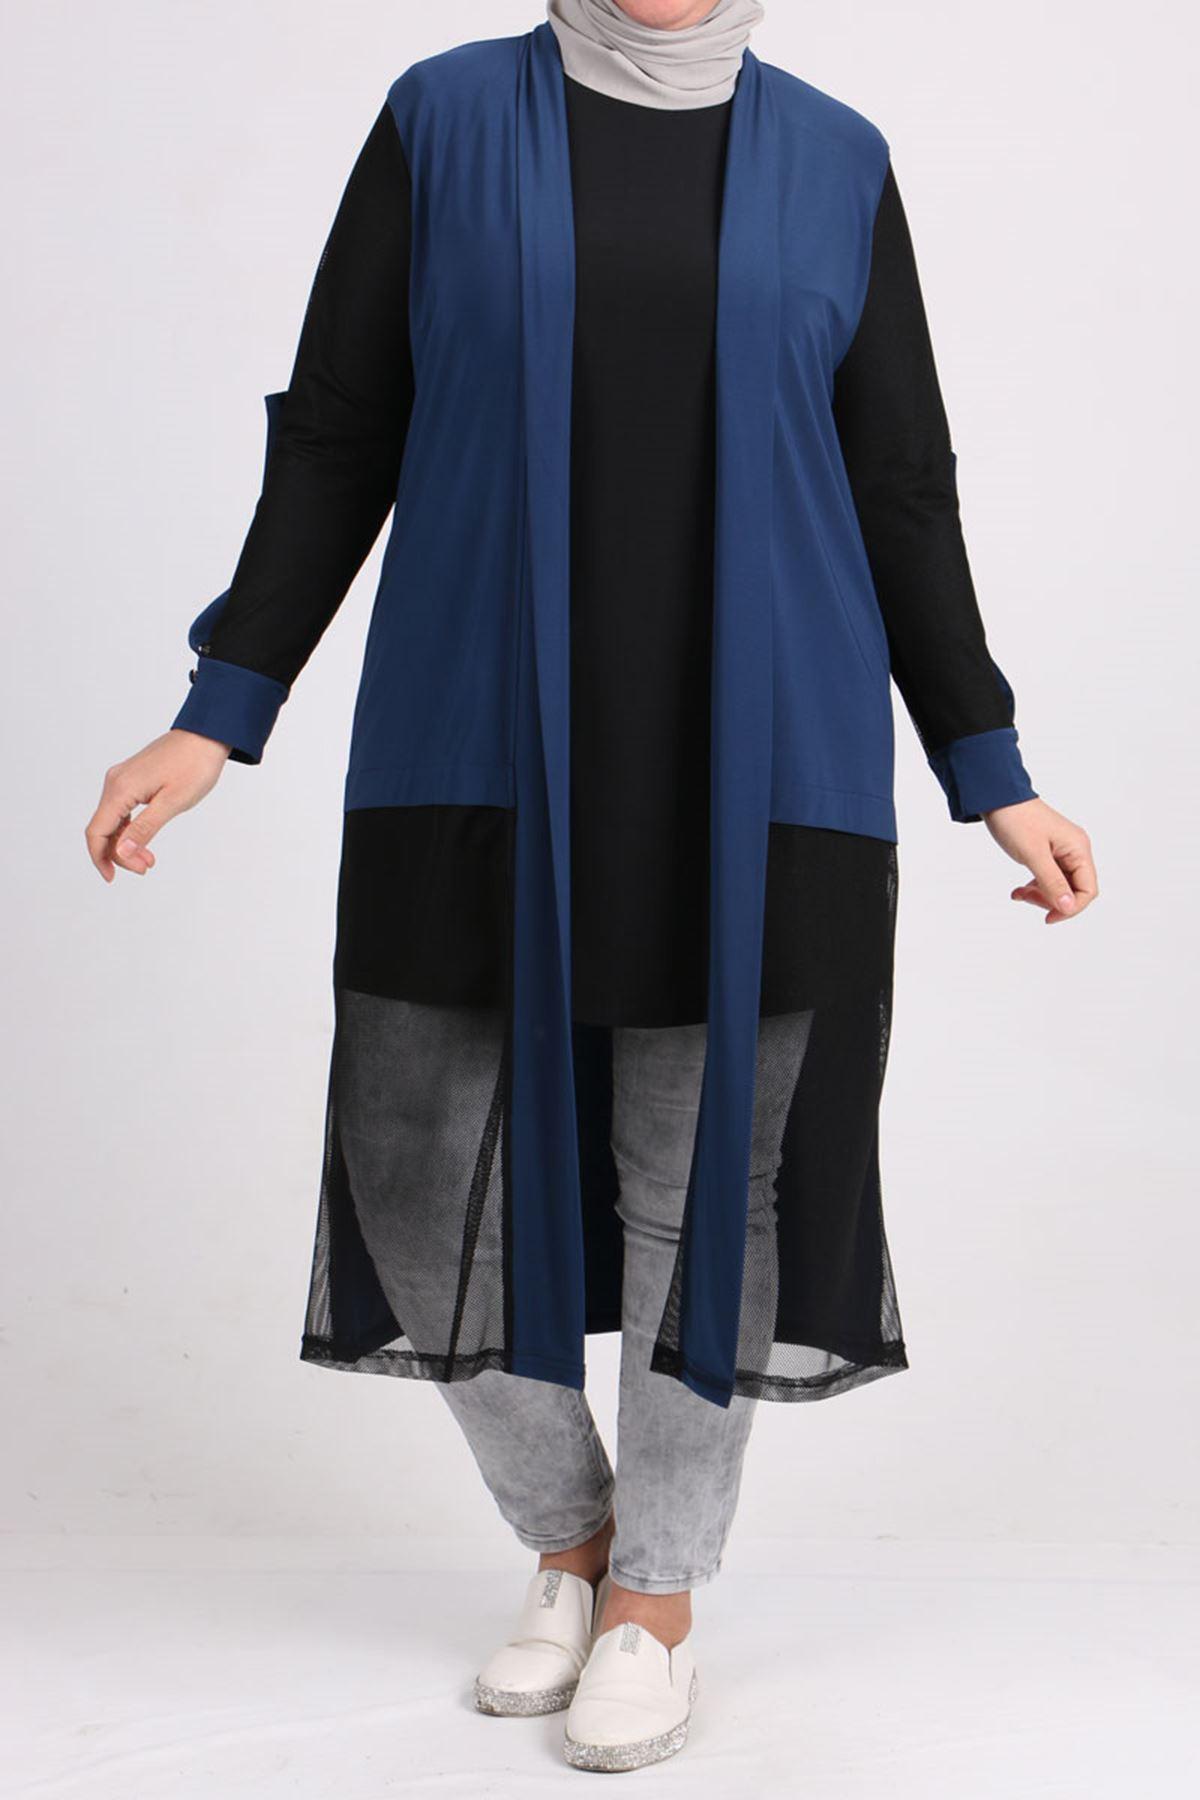 3151 Plus Size Sandy Jacket - Indigo